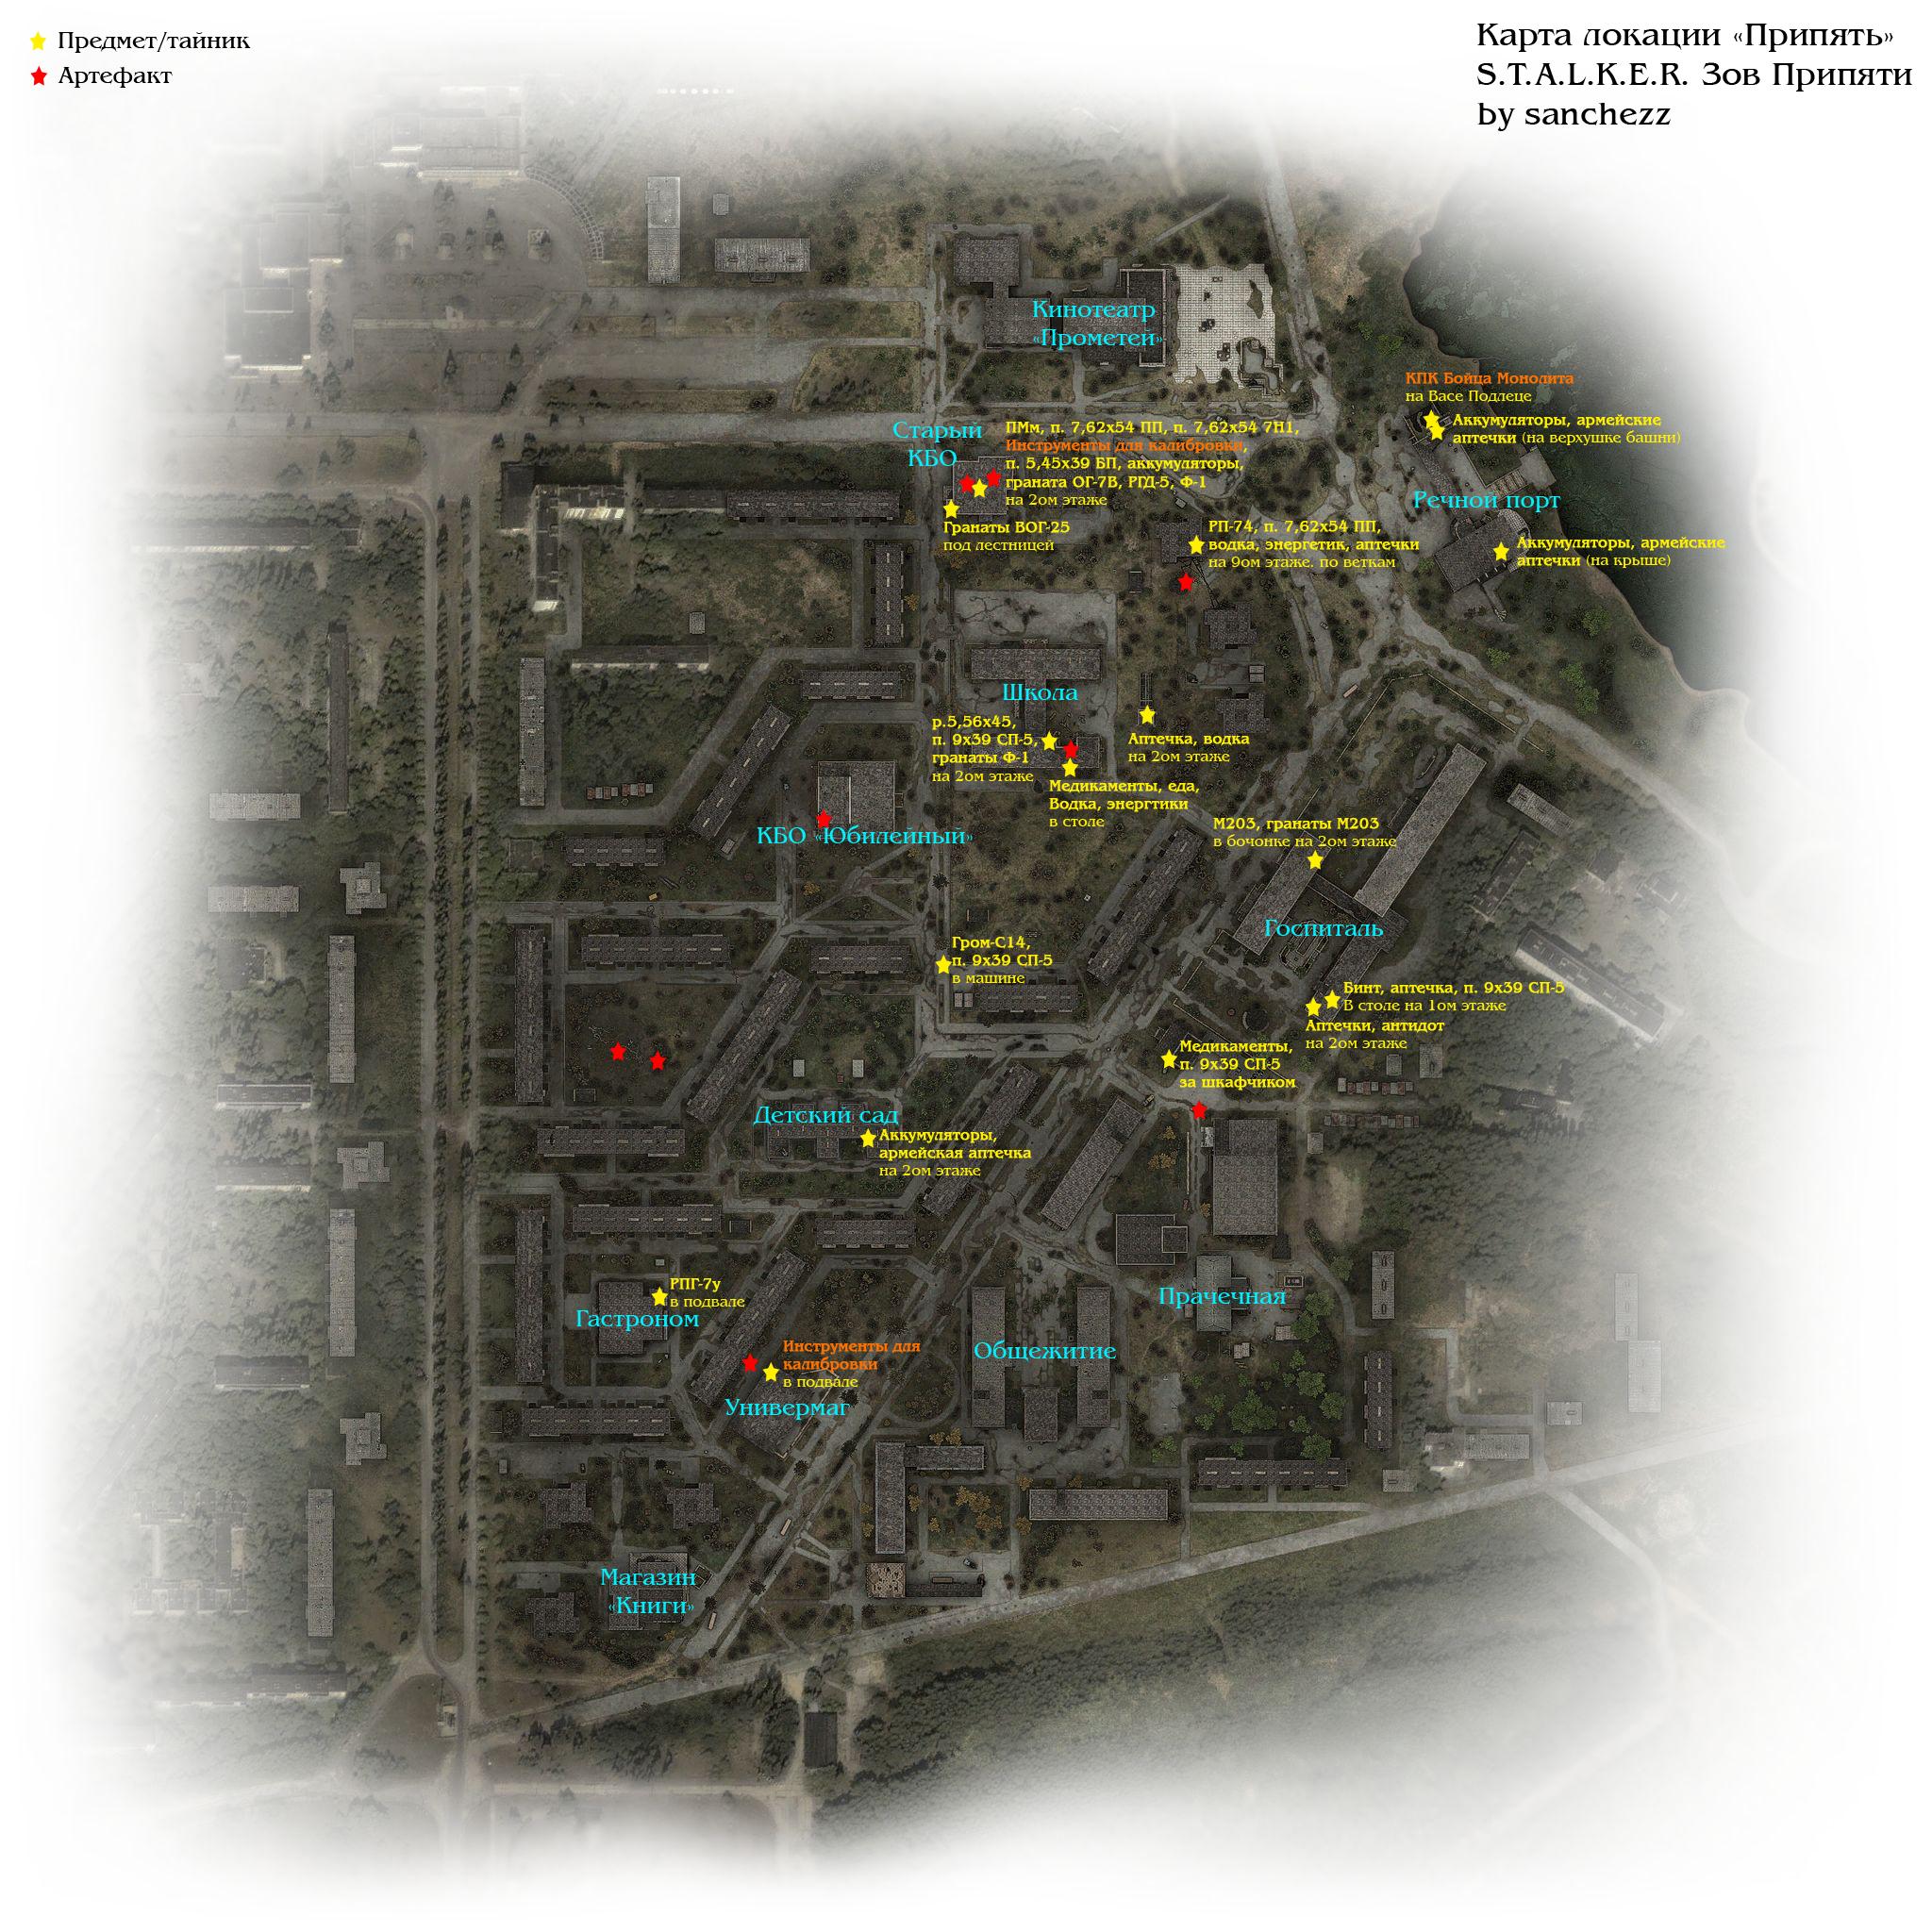 Курс: Создание локации для игры S.T.A.L.K.E.R. Зов Припяти 67